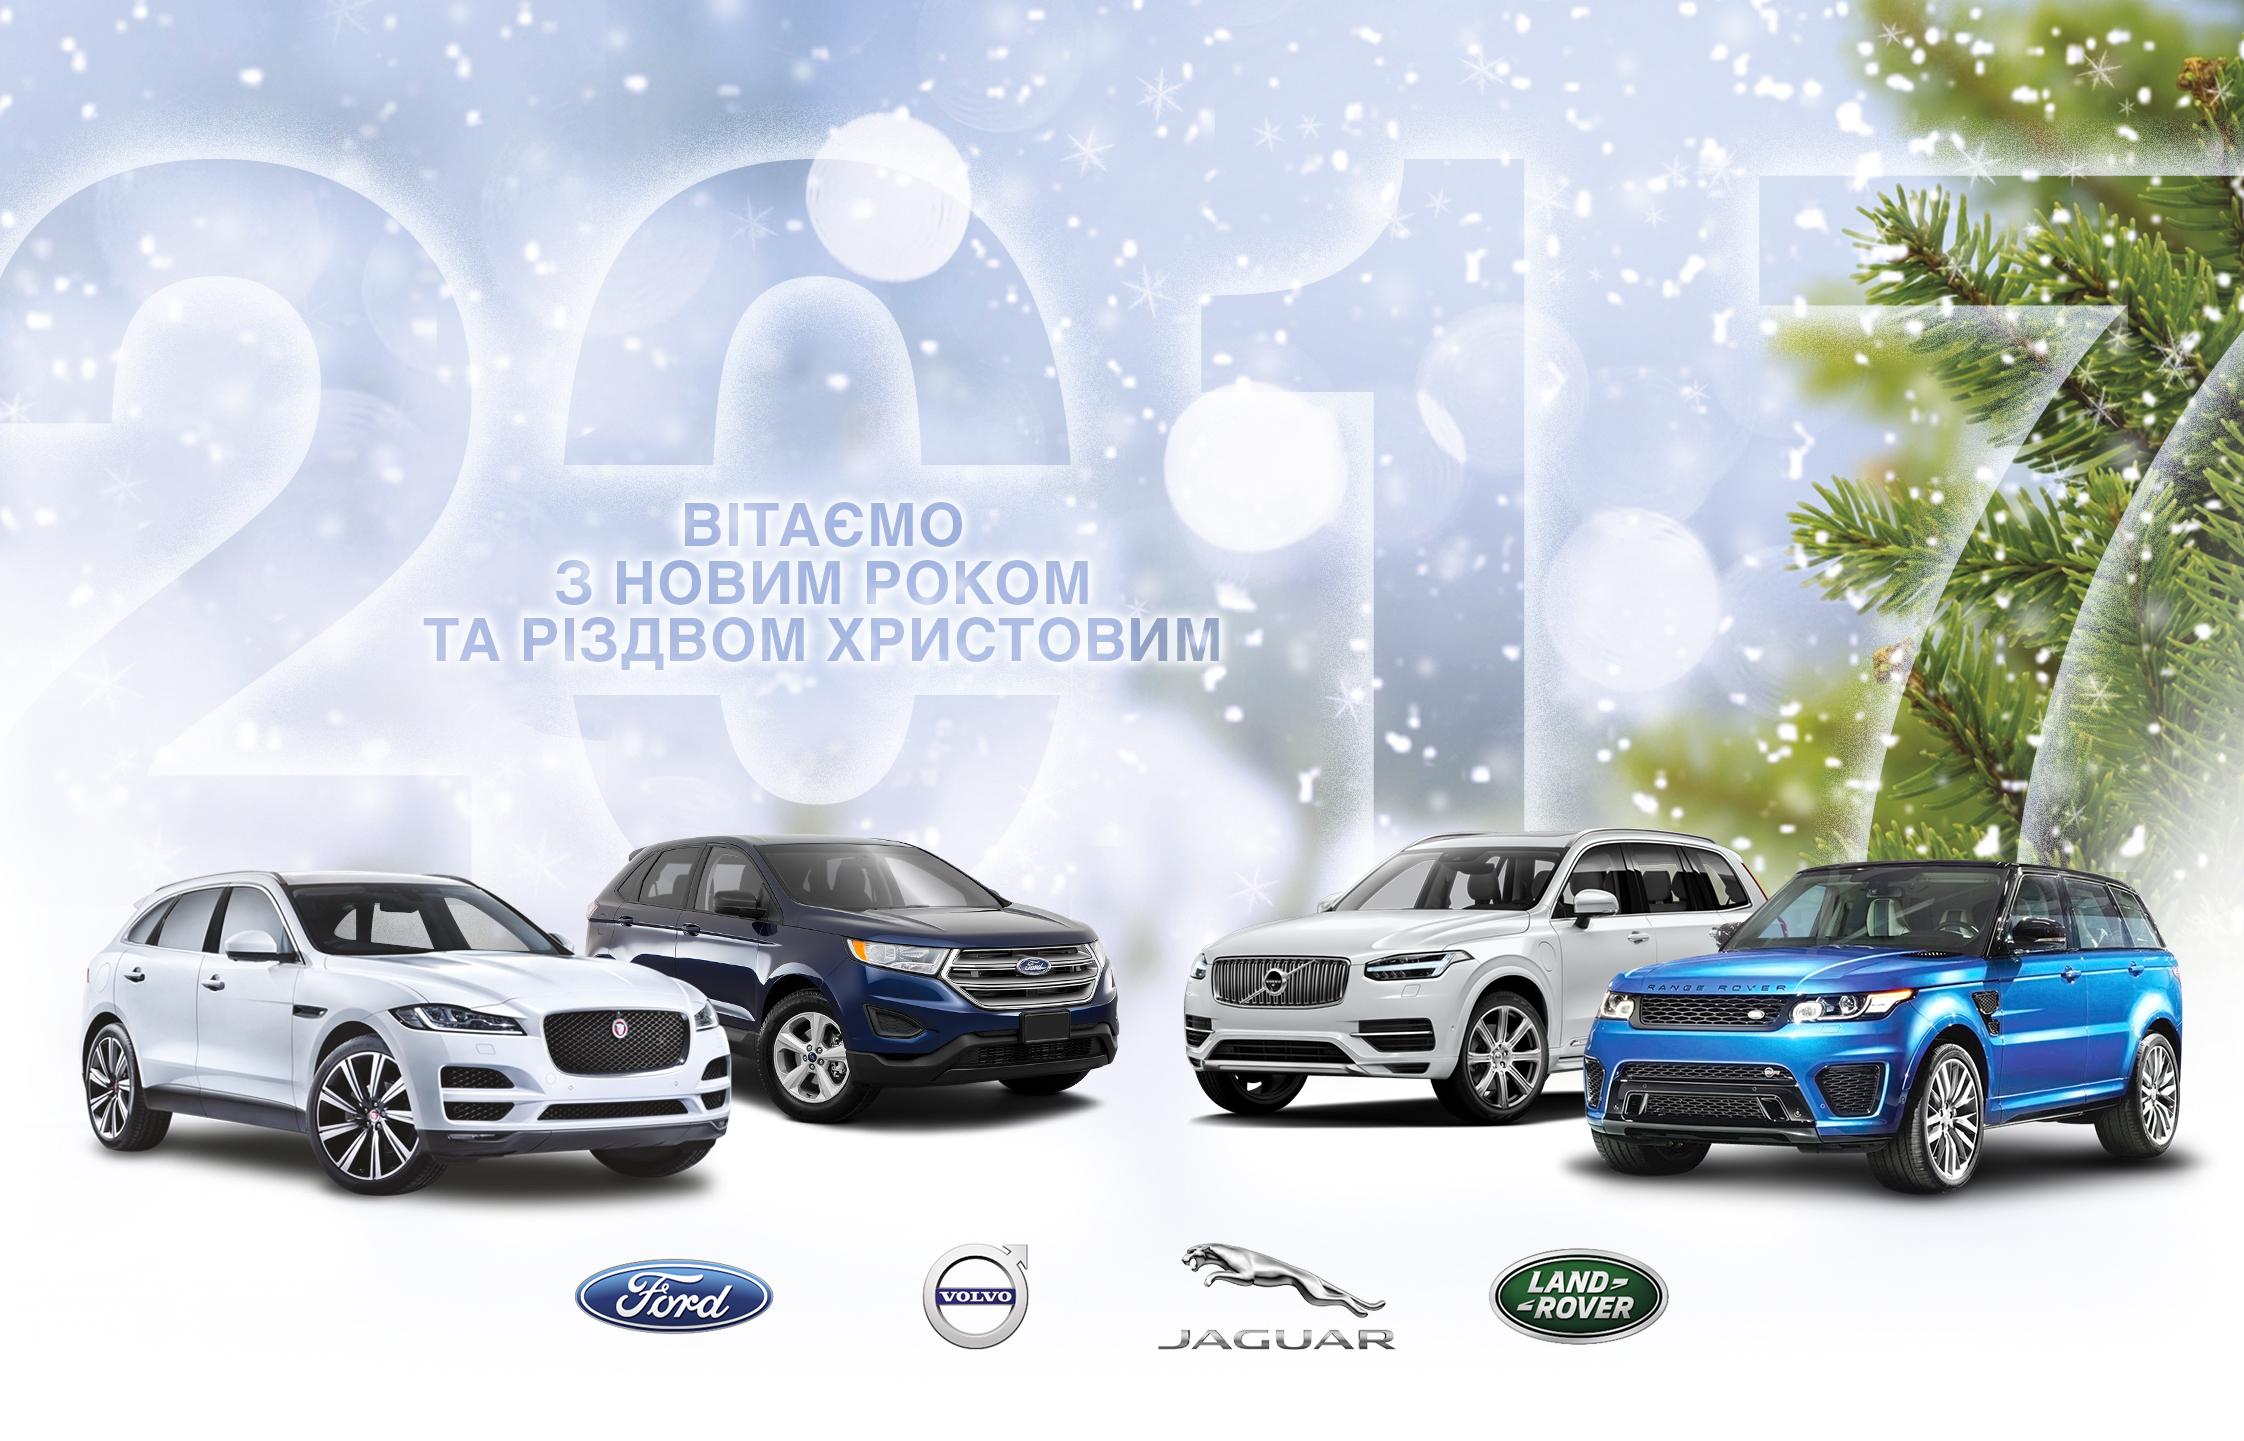 Вітаємо із новорічними святами! - офіційний представник Winner в Україні